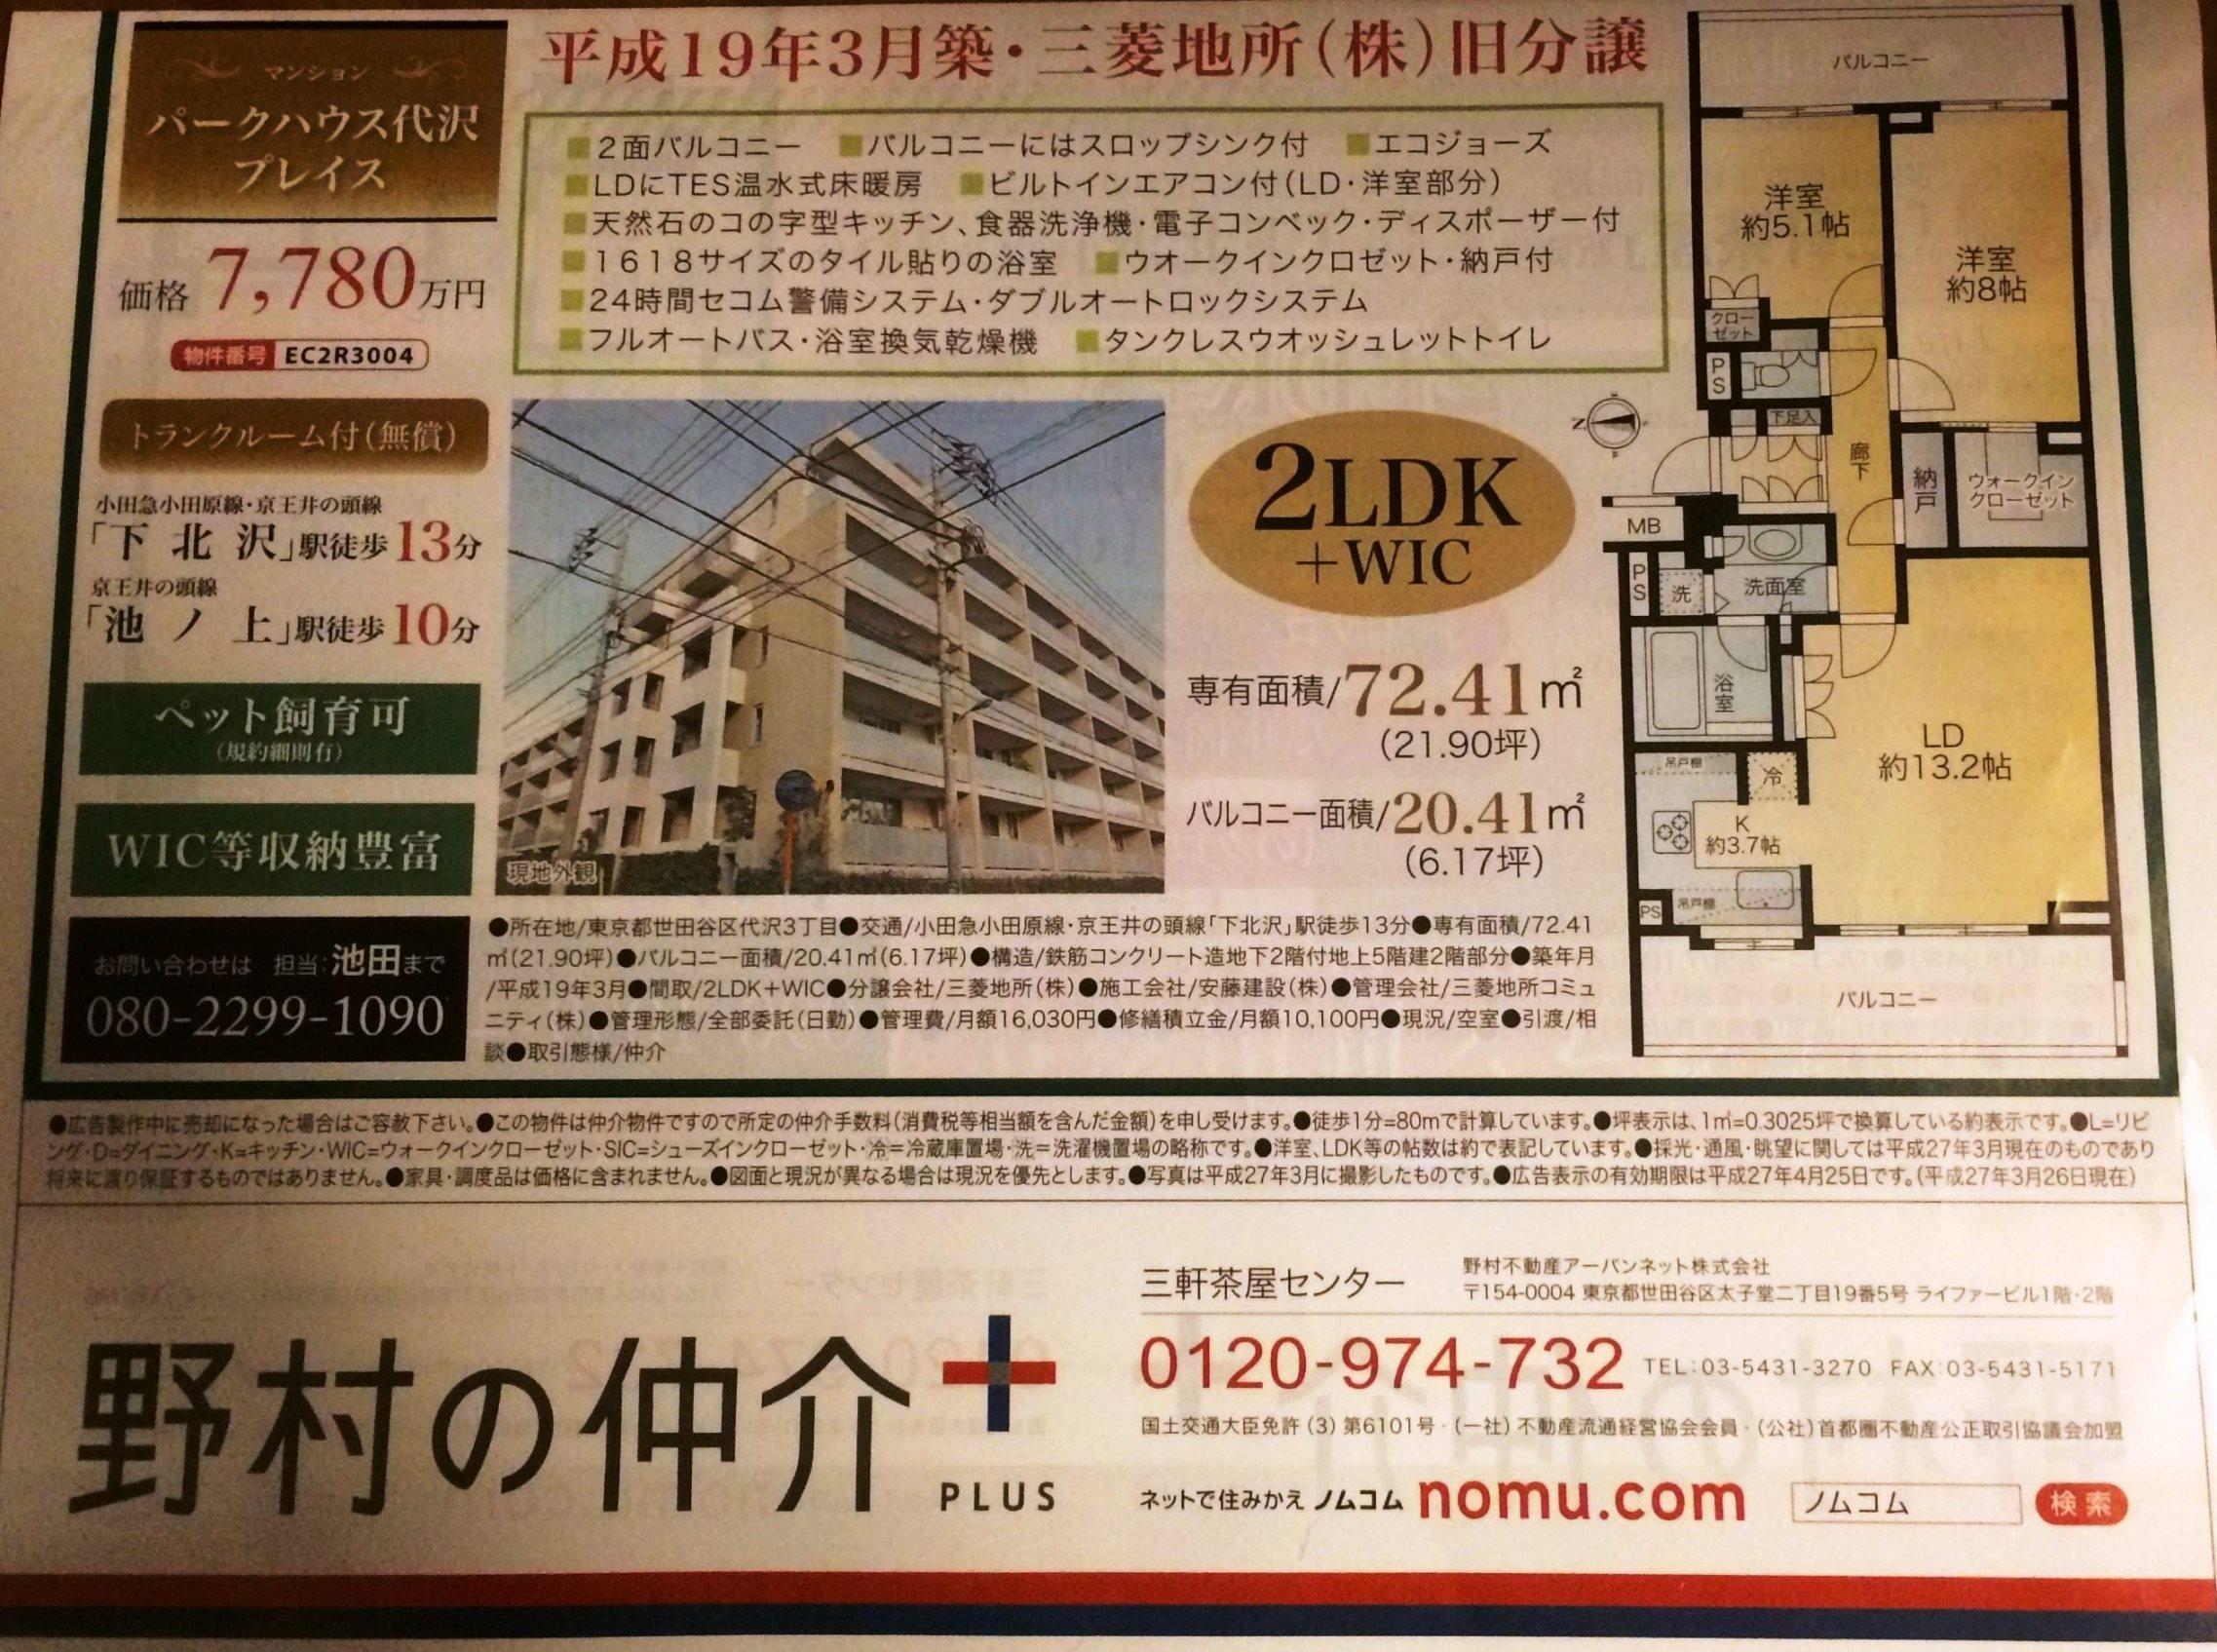 高級マンション 「パークハウス代沢プレイス」 【中古物件】